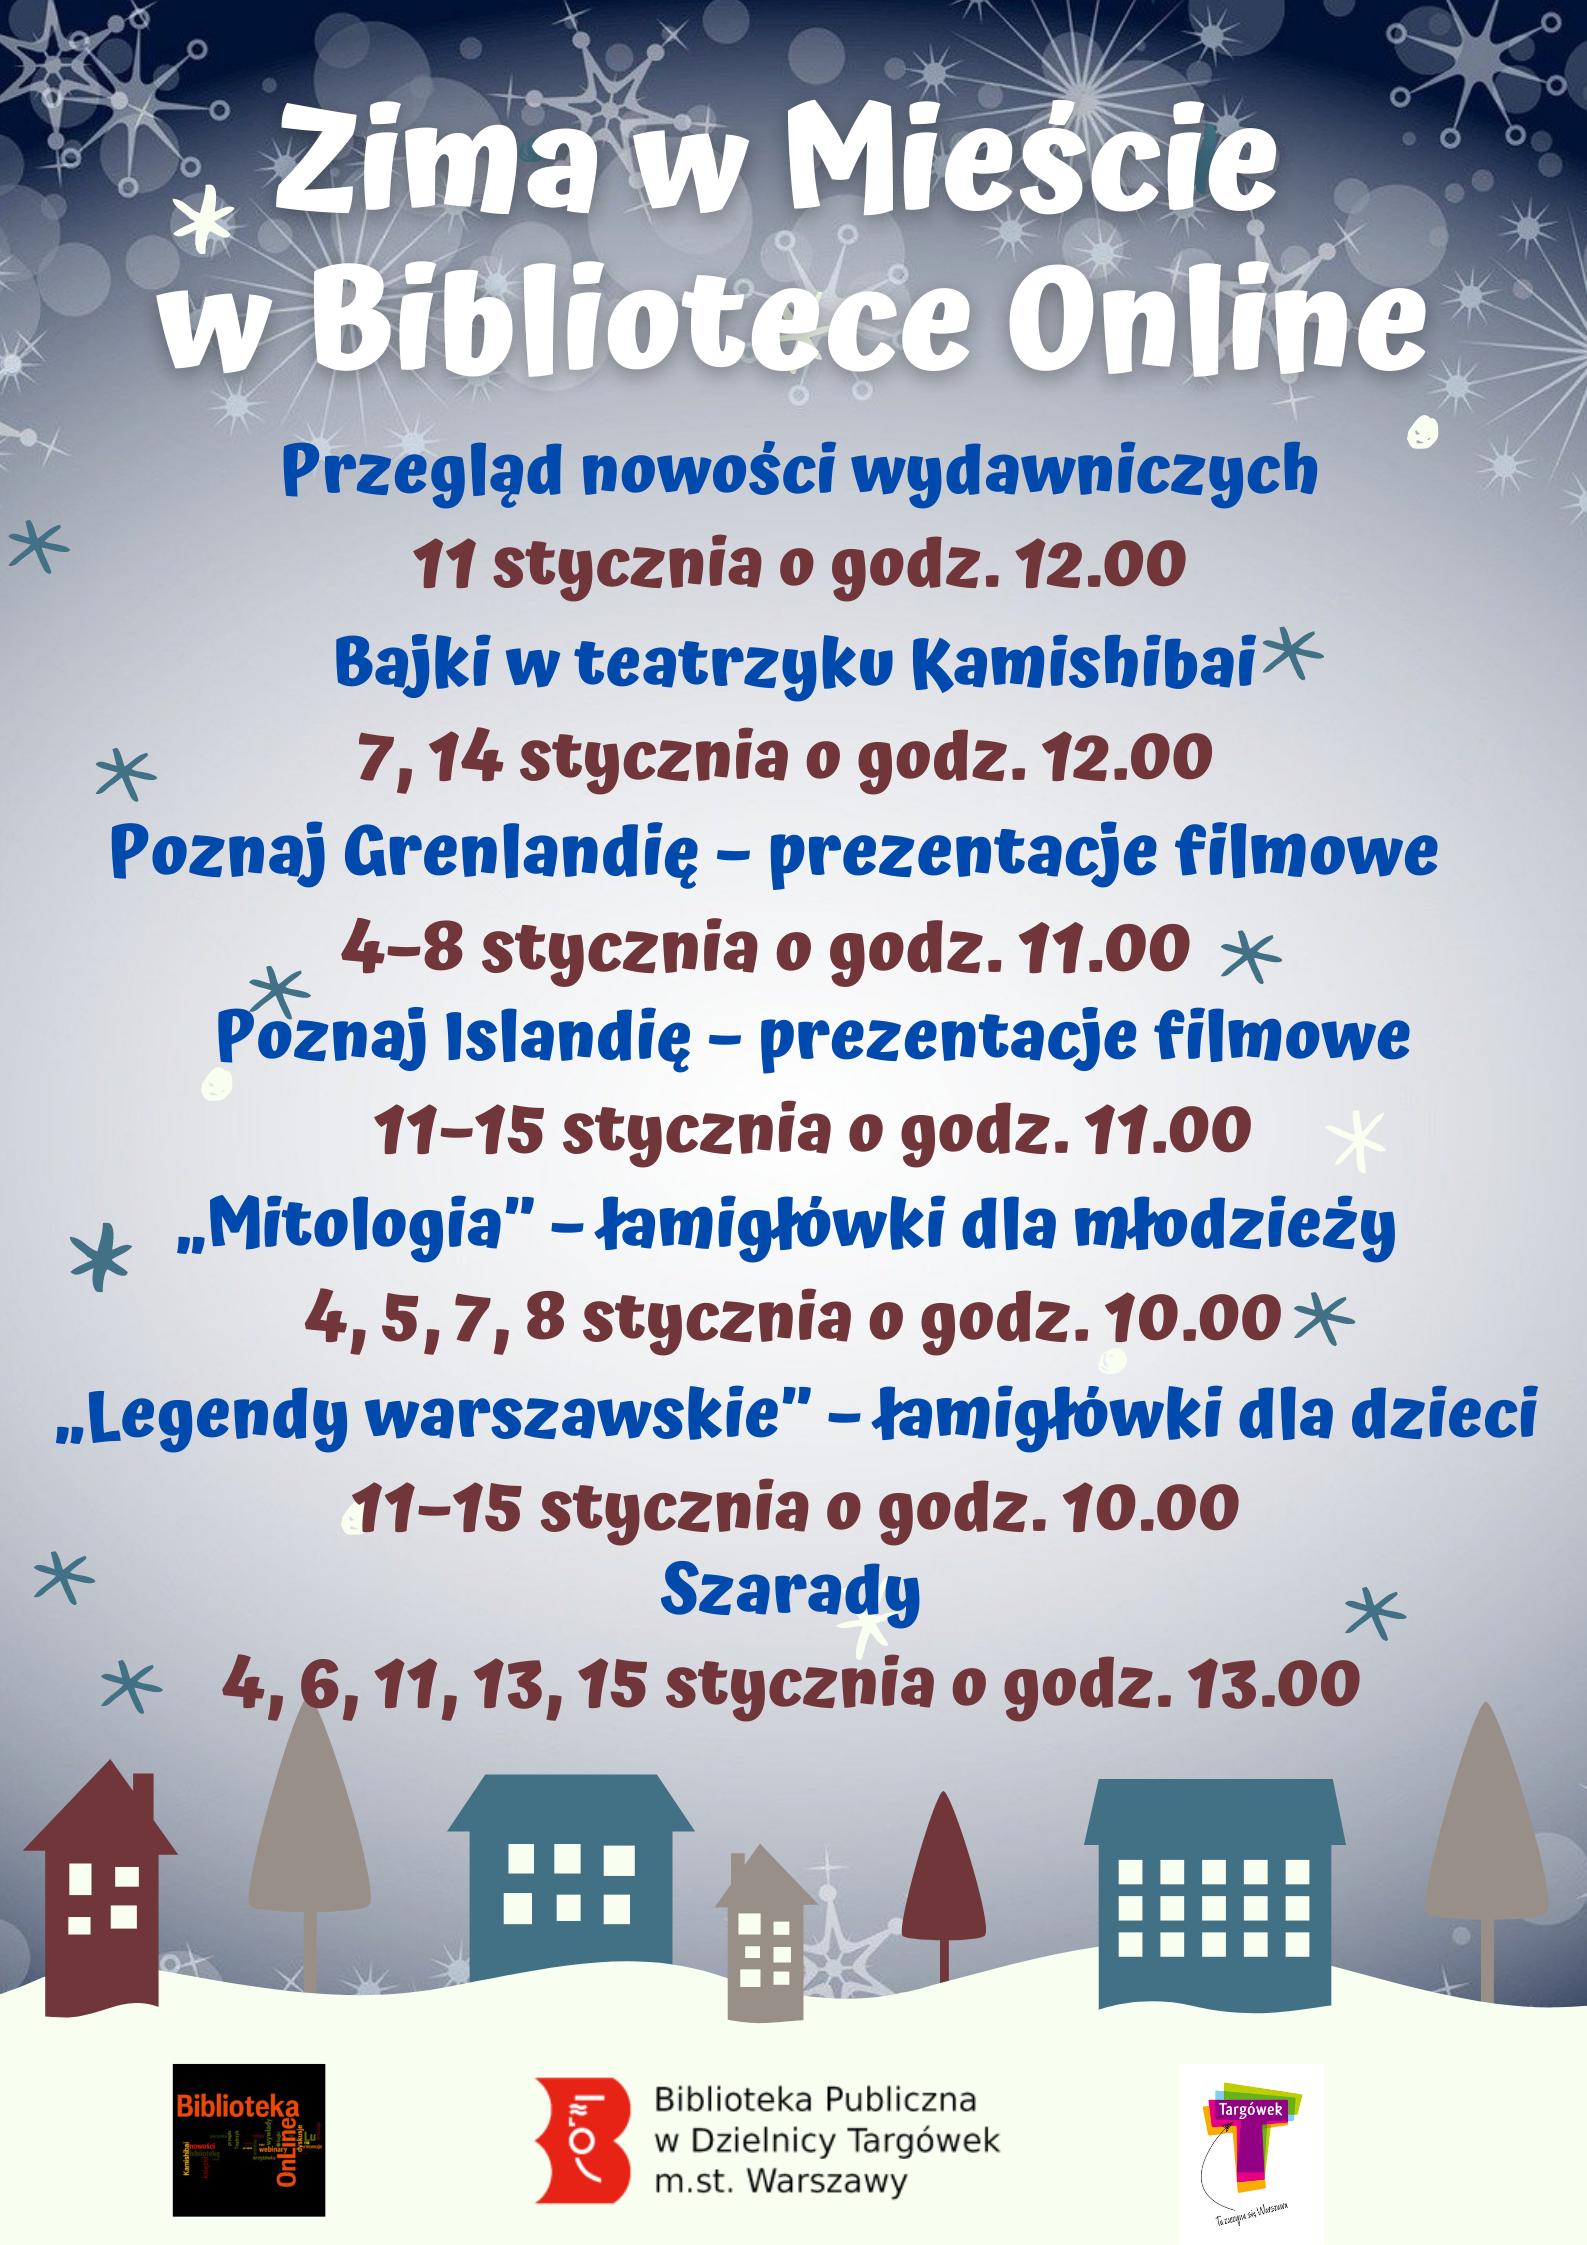 zima w mieście w bibliotece online - plakat